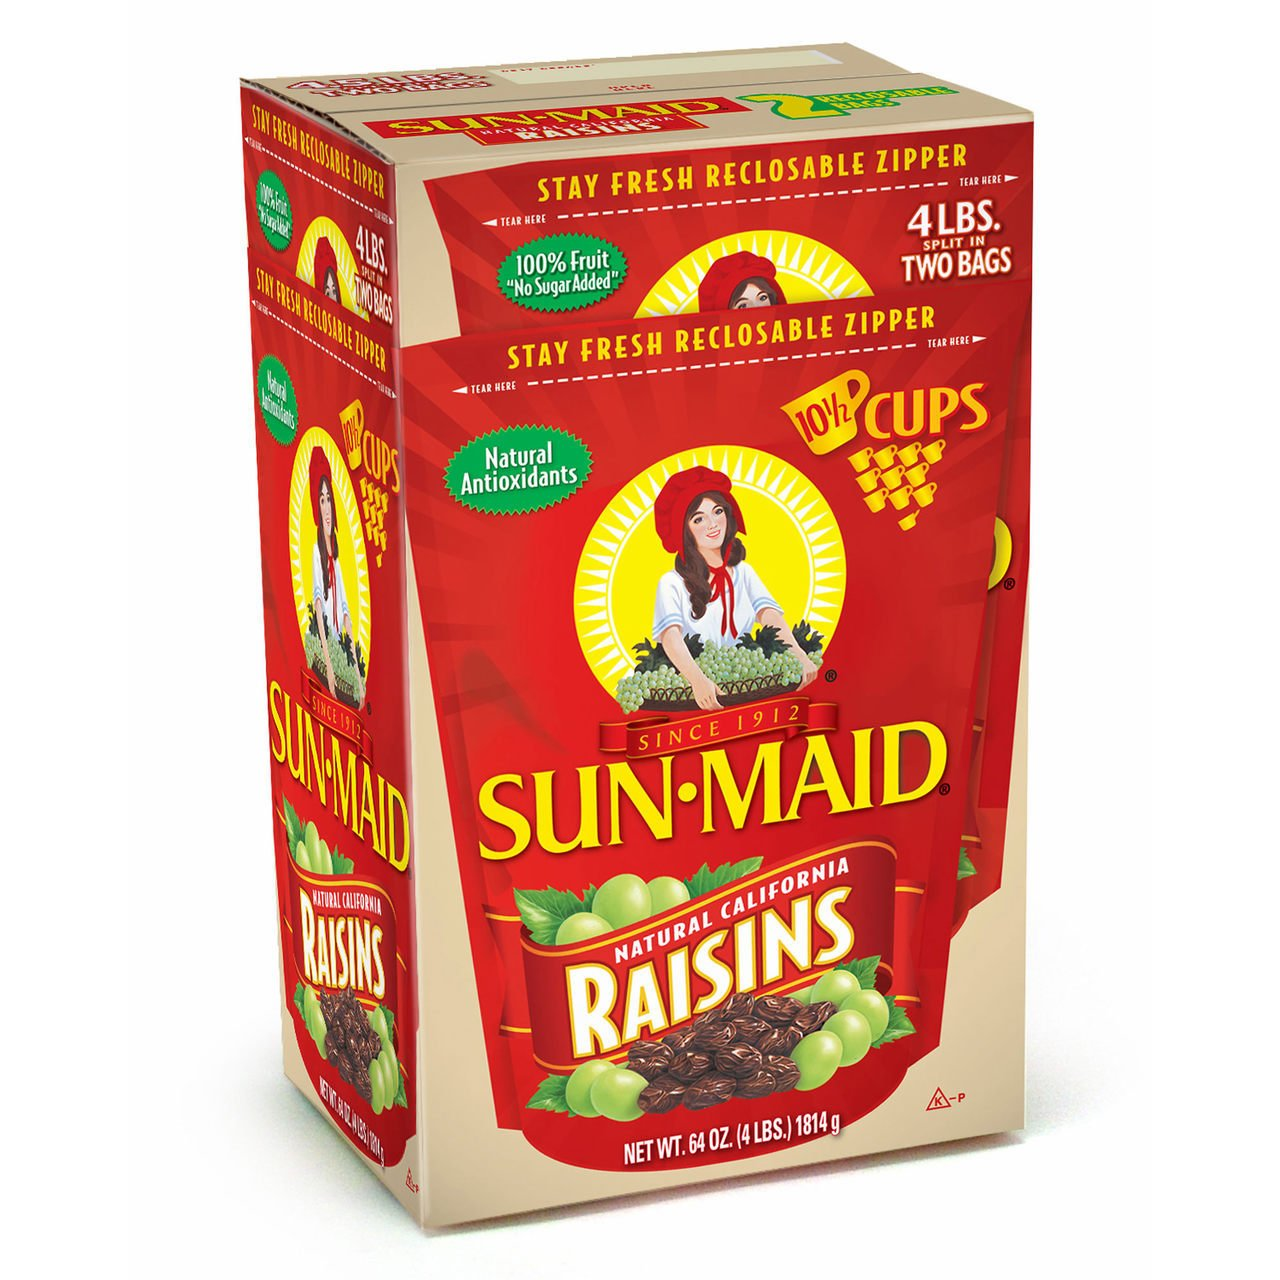 Sun-Maid Natural California Raisins, 64 Ounce